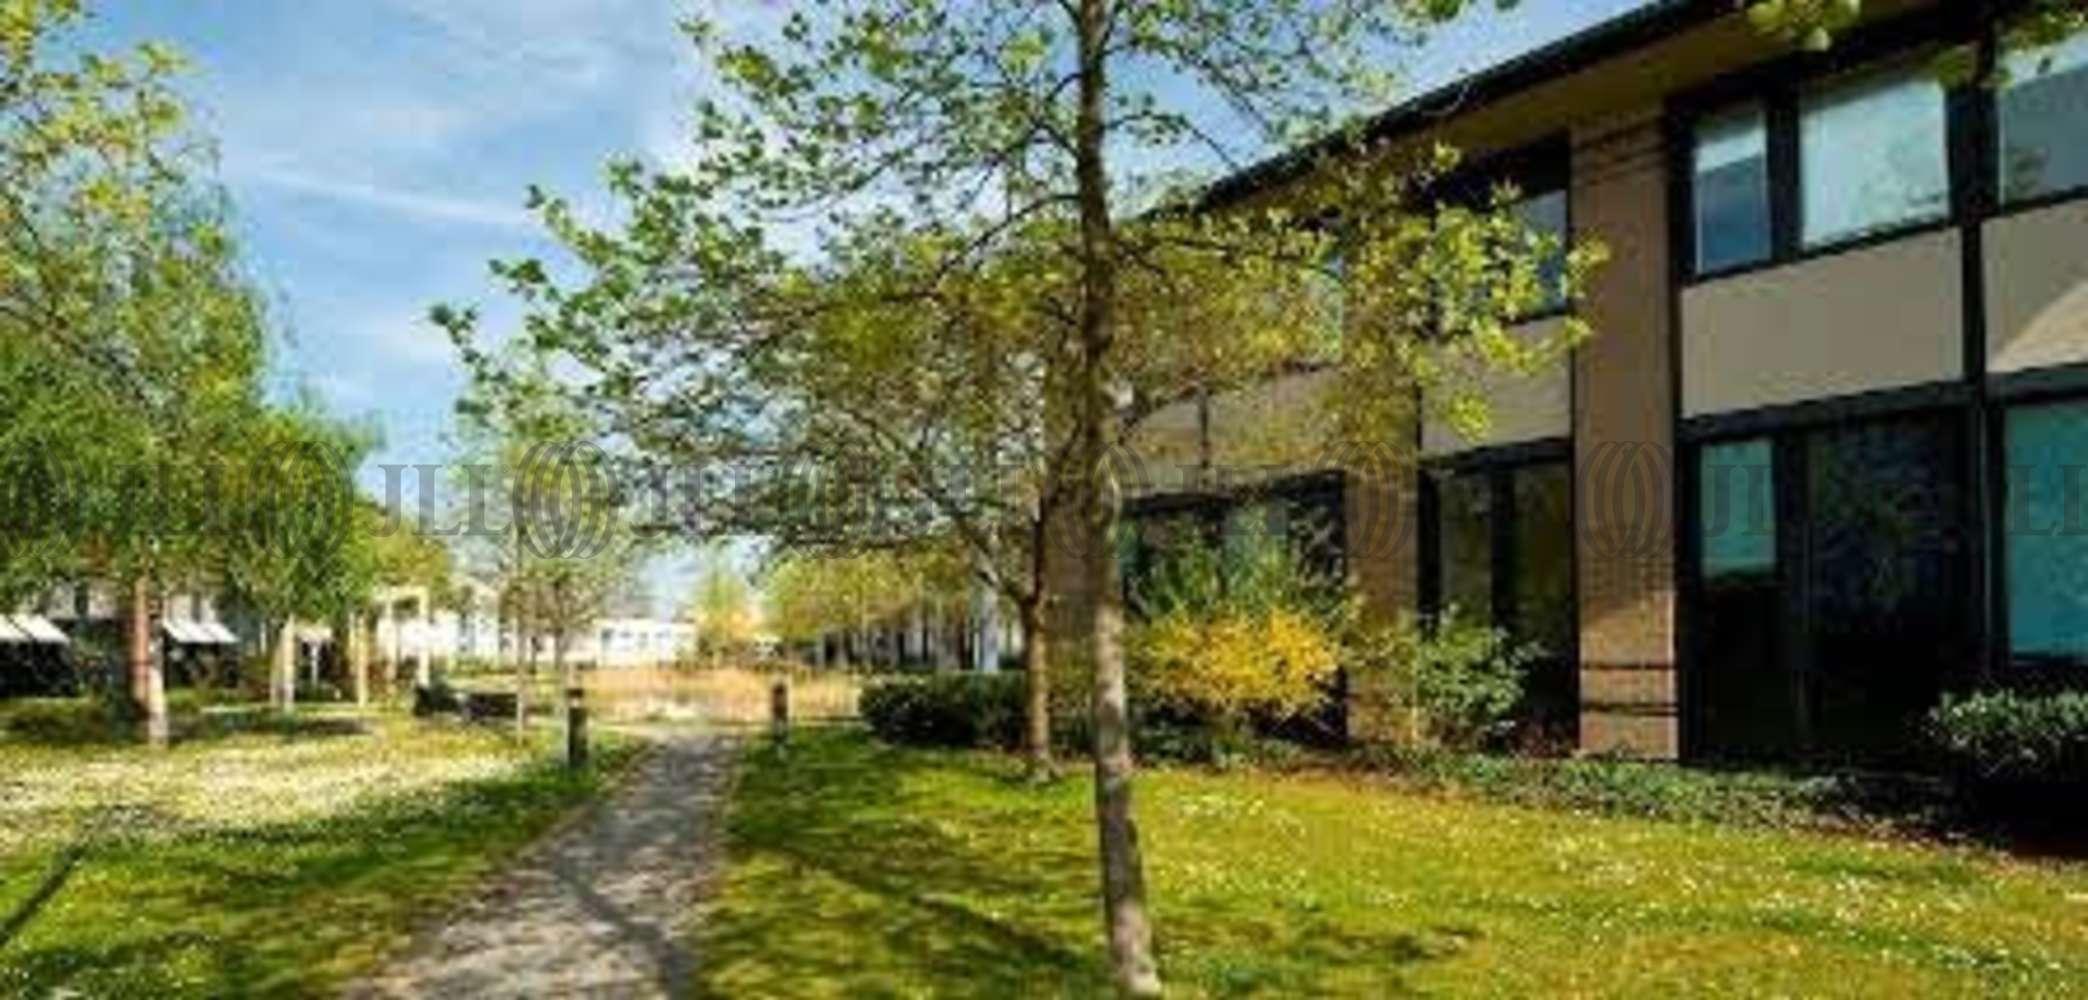 Büros Mannheim, 68199 - Büro - Mannheim, Neckarau - F1688 - 10895870